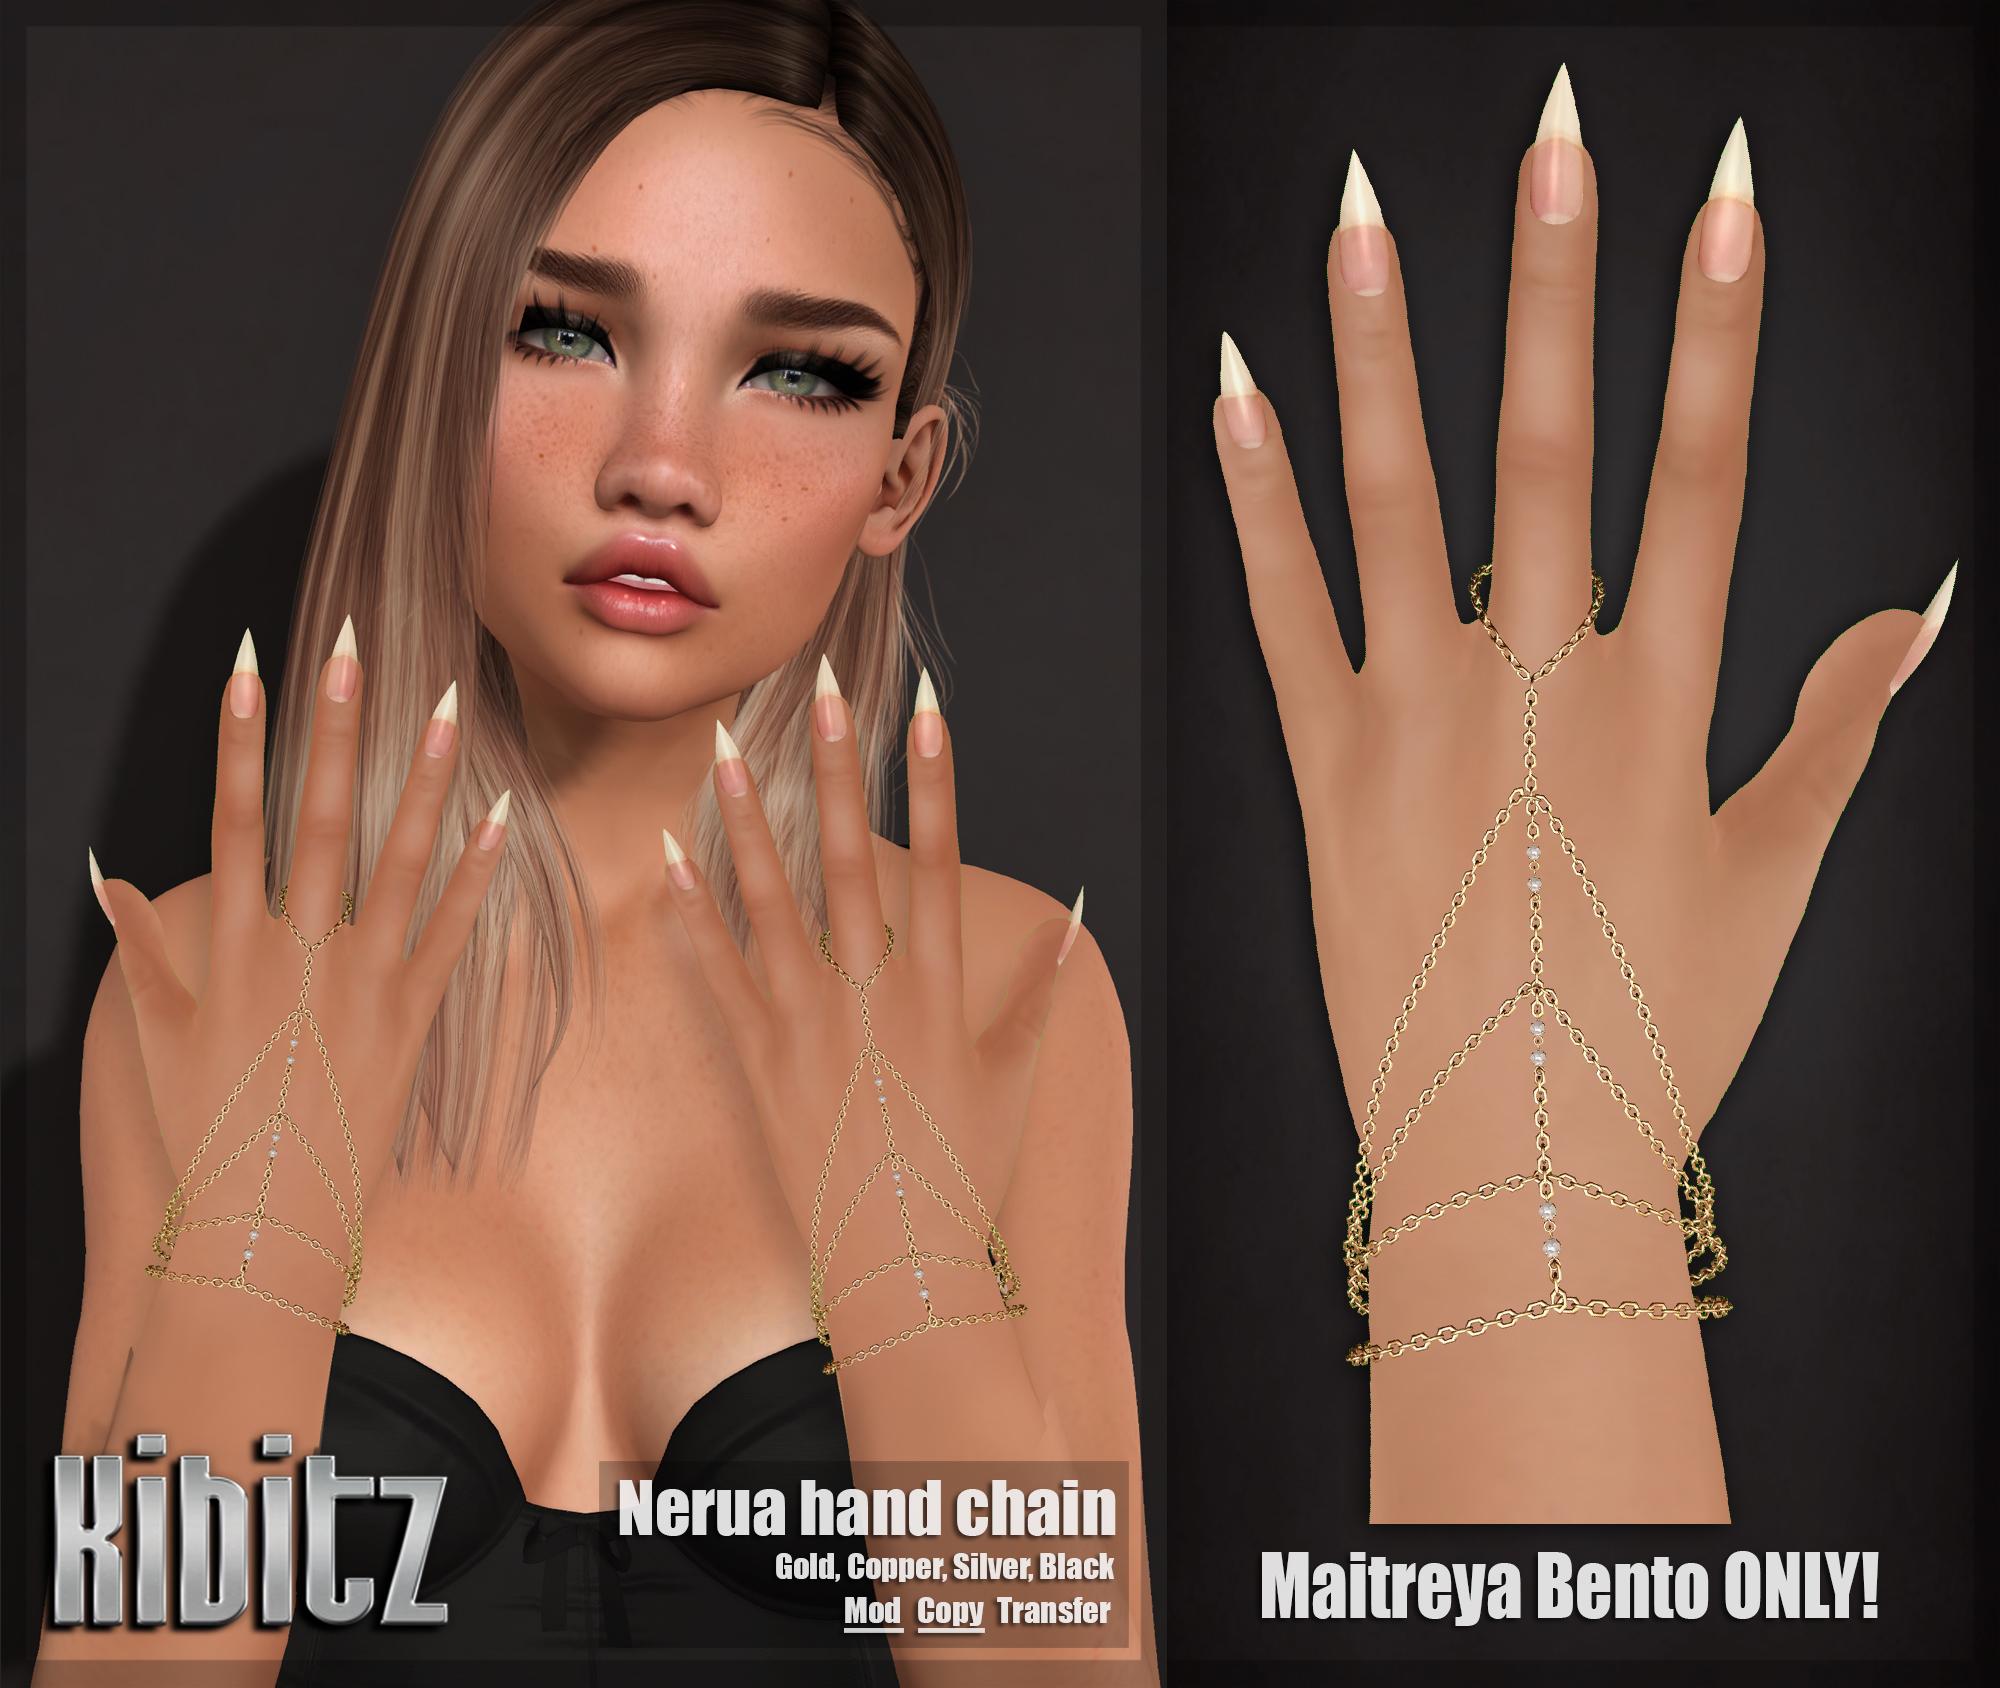 kibitz nerua hand chain vendor.jpg